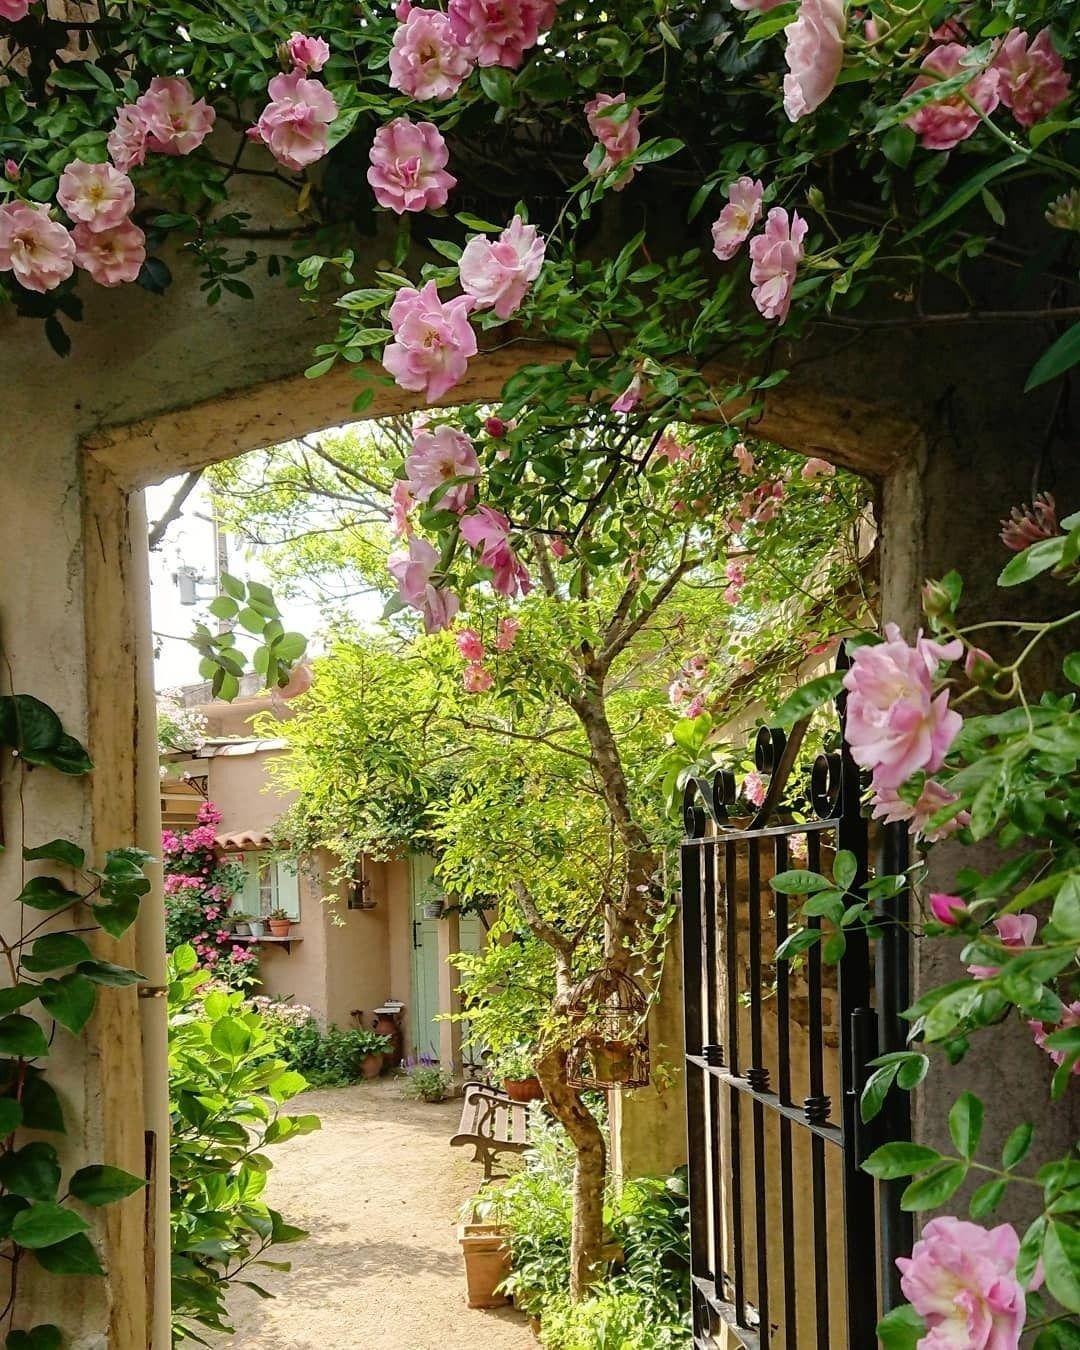 Credit To Owner 𝐖𝐮𝐧𝐝𝐞𝐫𝐬𝐜𝐡o𝐧 Dir Gefallt Dieses Bild Dann Like Es Doch Lass Einen Kommentar Da Gartengestaltung Garten Gartenliebe